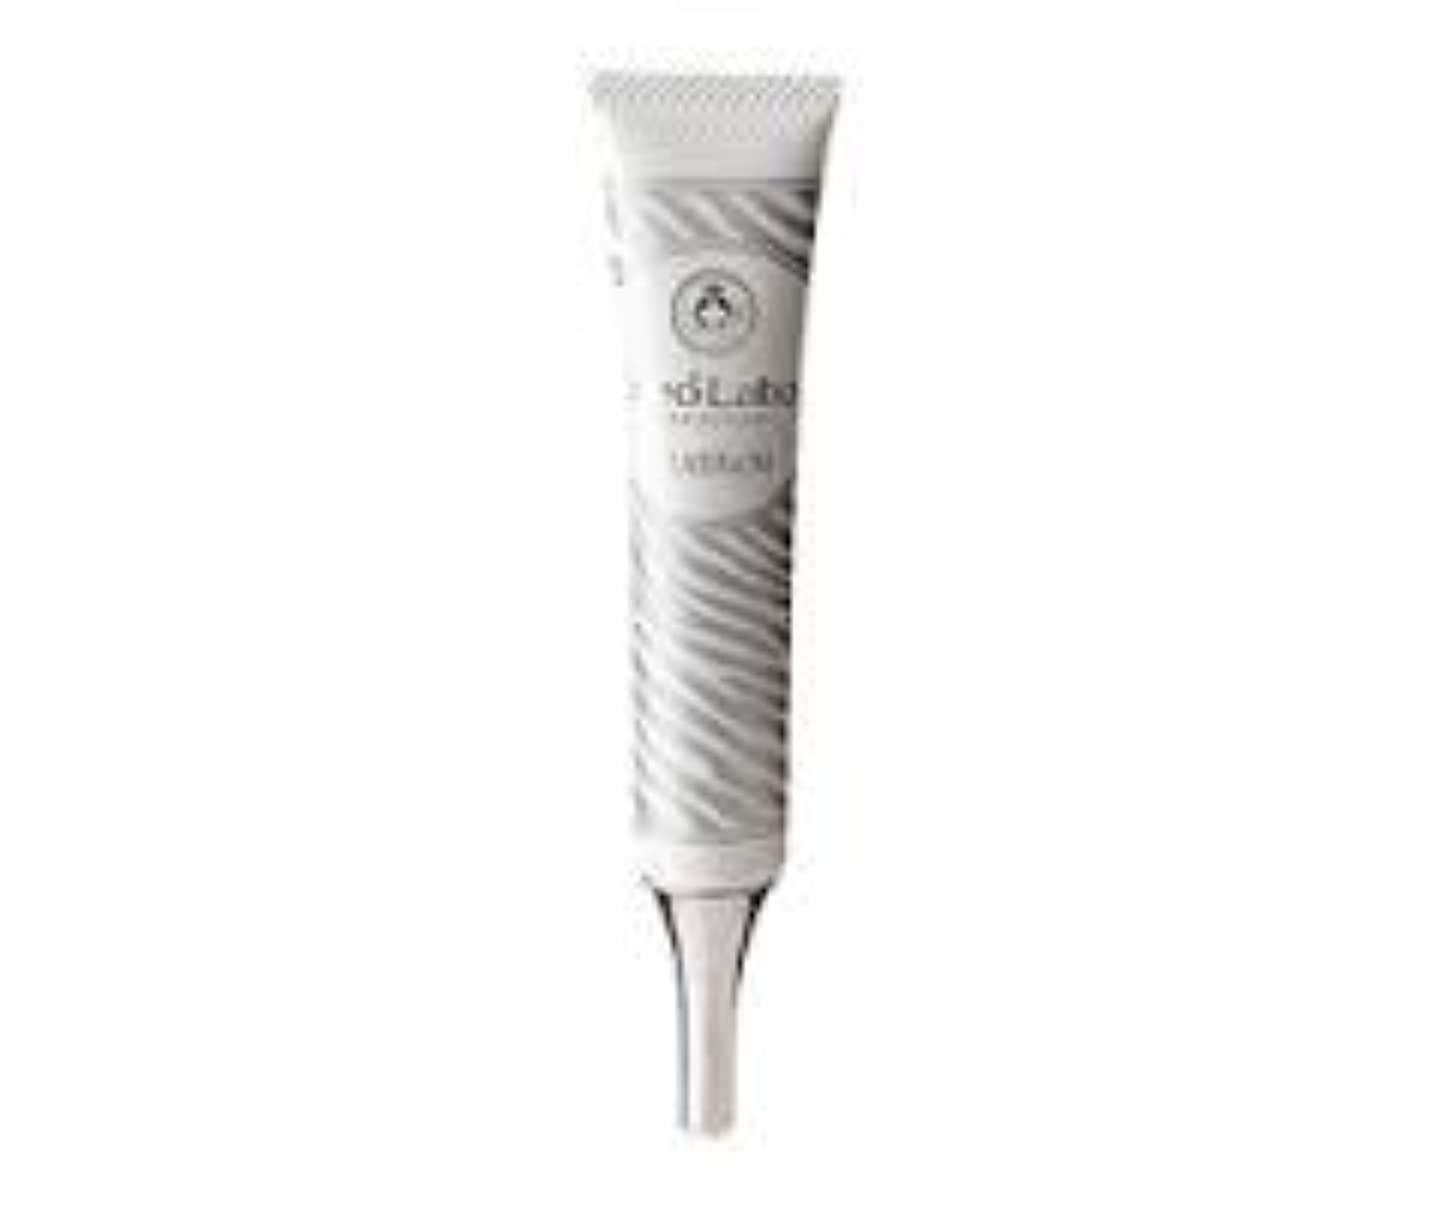 屋内ダイジェスト可塑性デオプラスラボ プラチナム 薬用デオドランドクリーム 30g